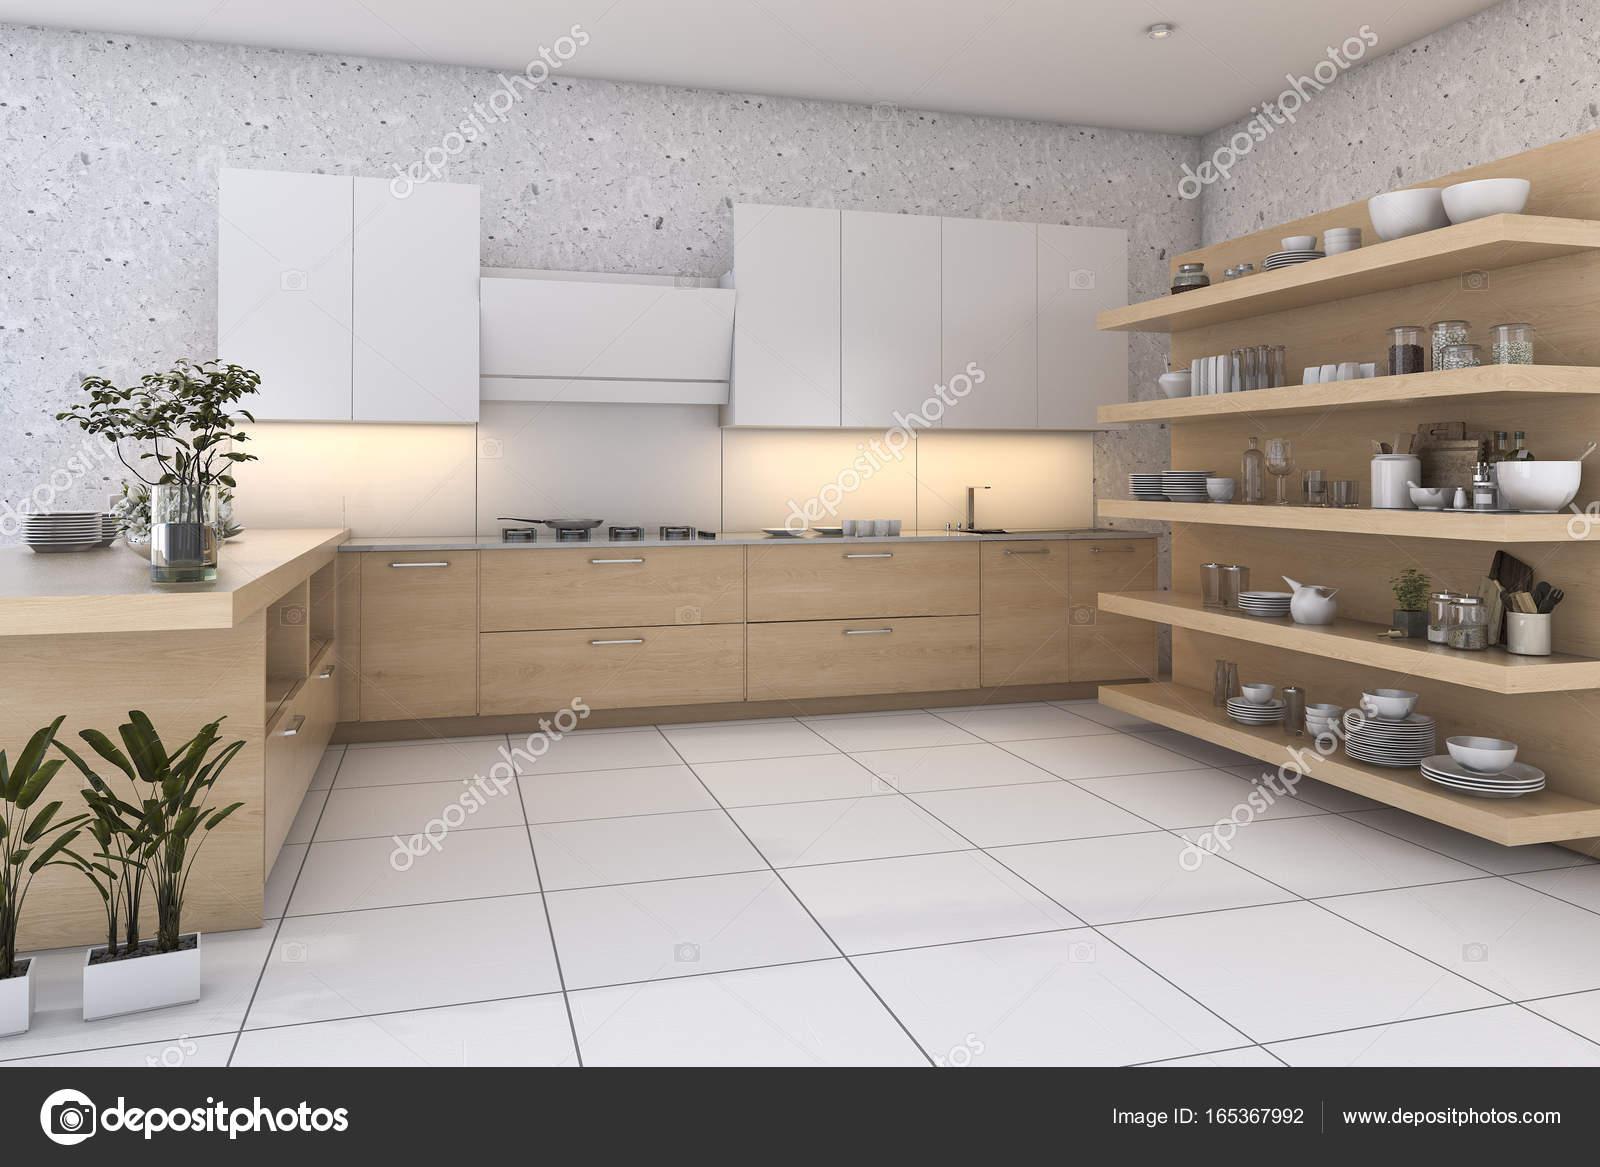 legno di rendering 3D loft cucina con bar e zona living — Foto Stock ...